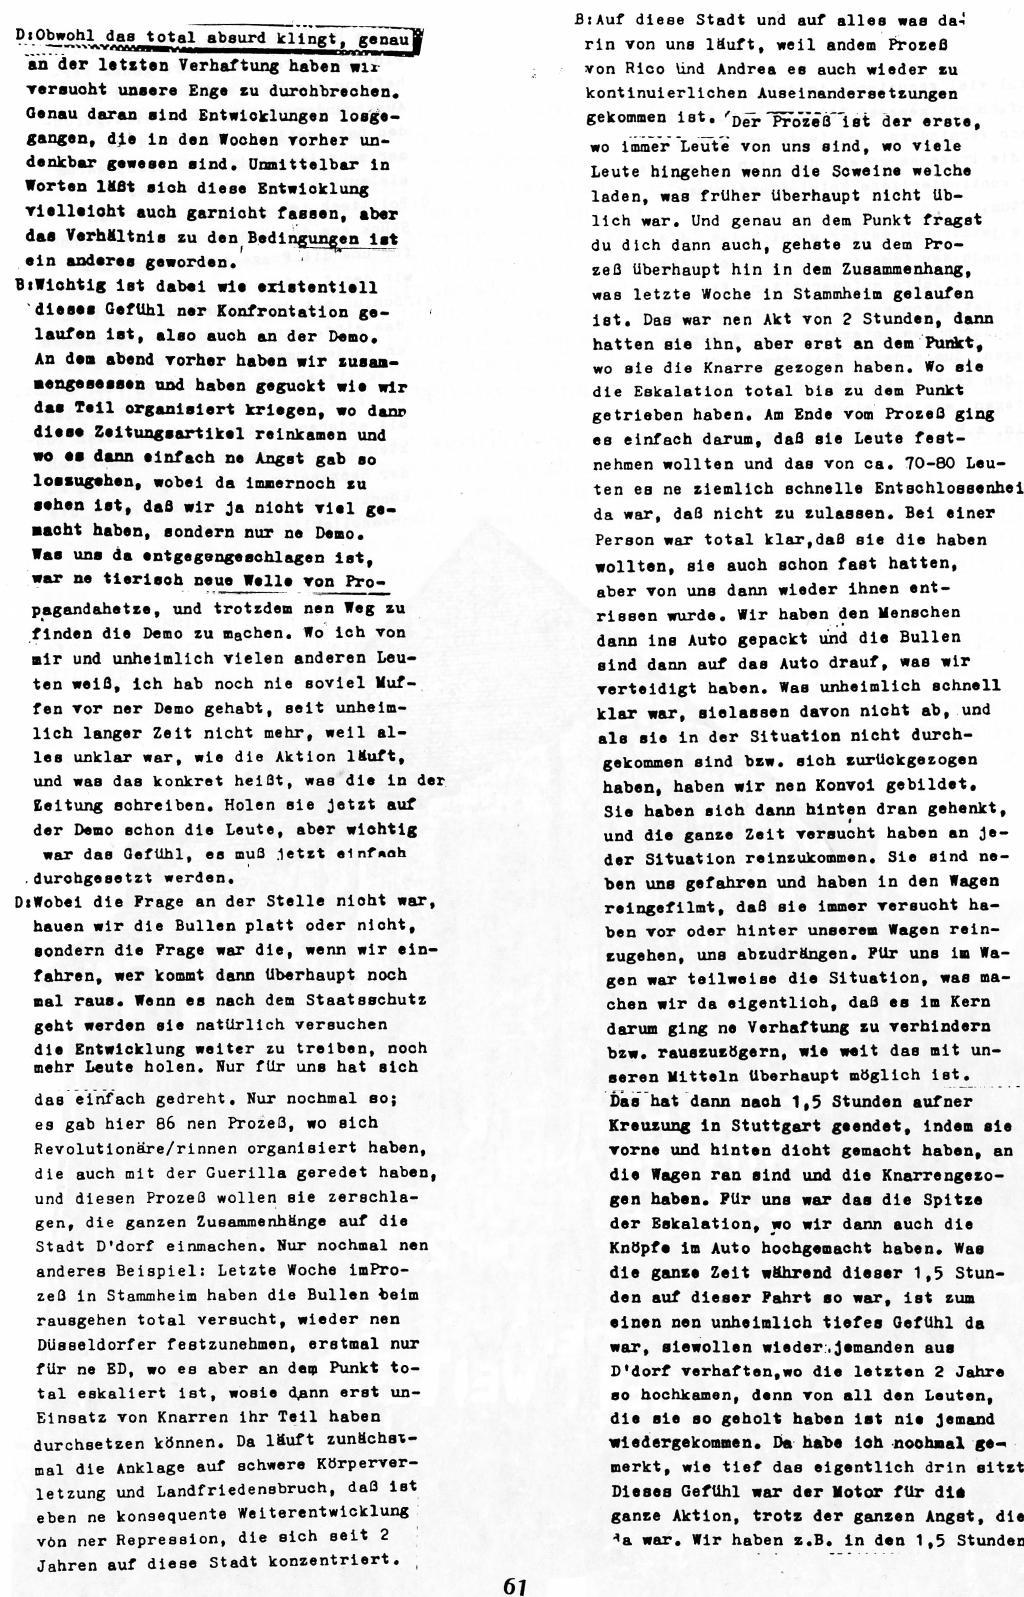 Duesseldorf_1989_Sechs_Politische_Gefangene_061